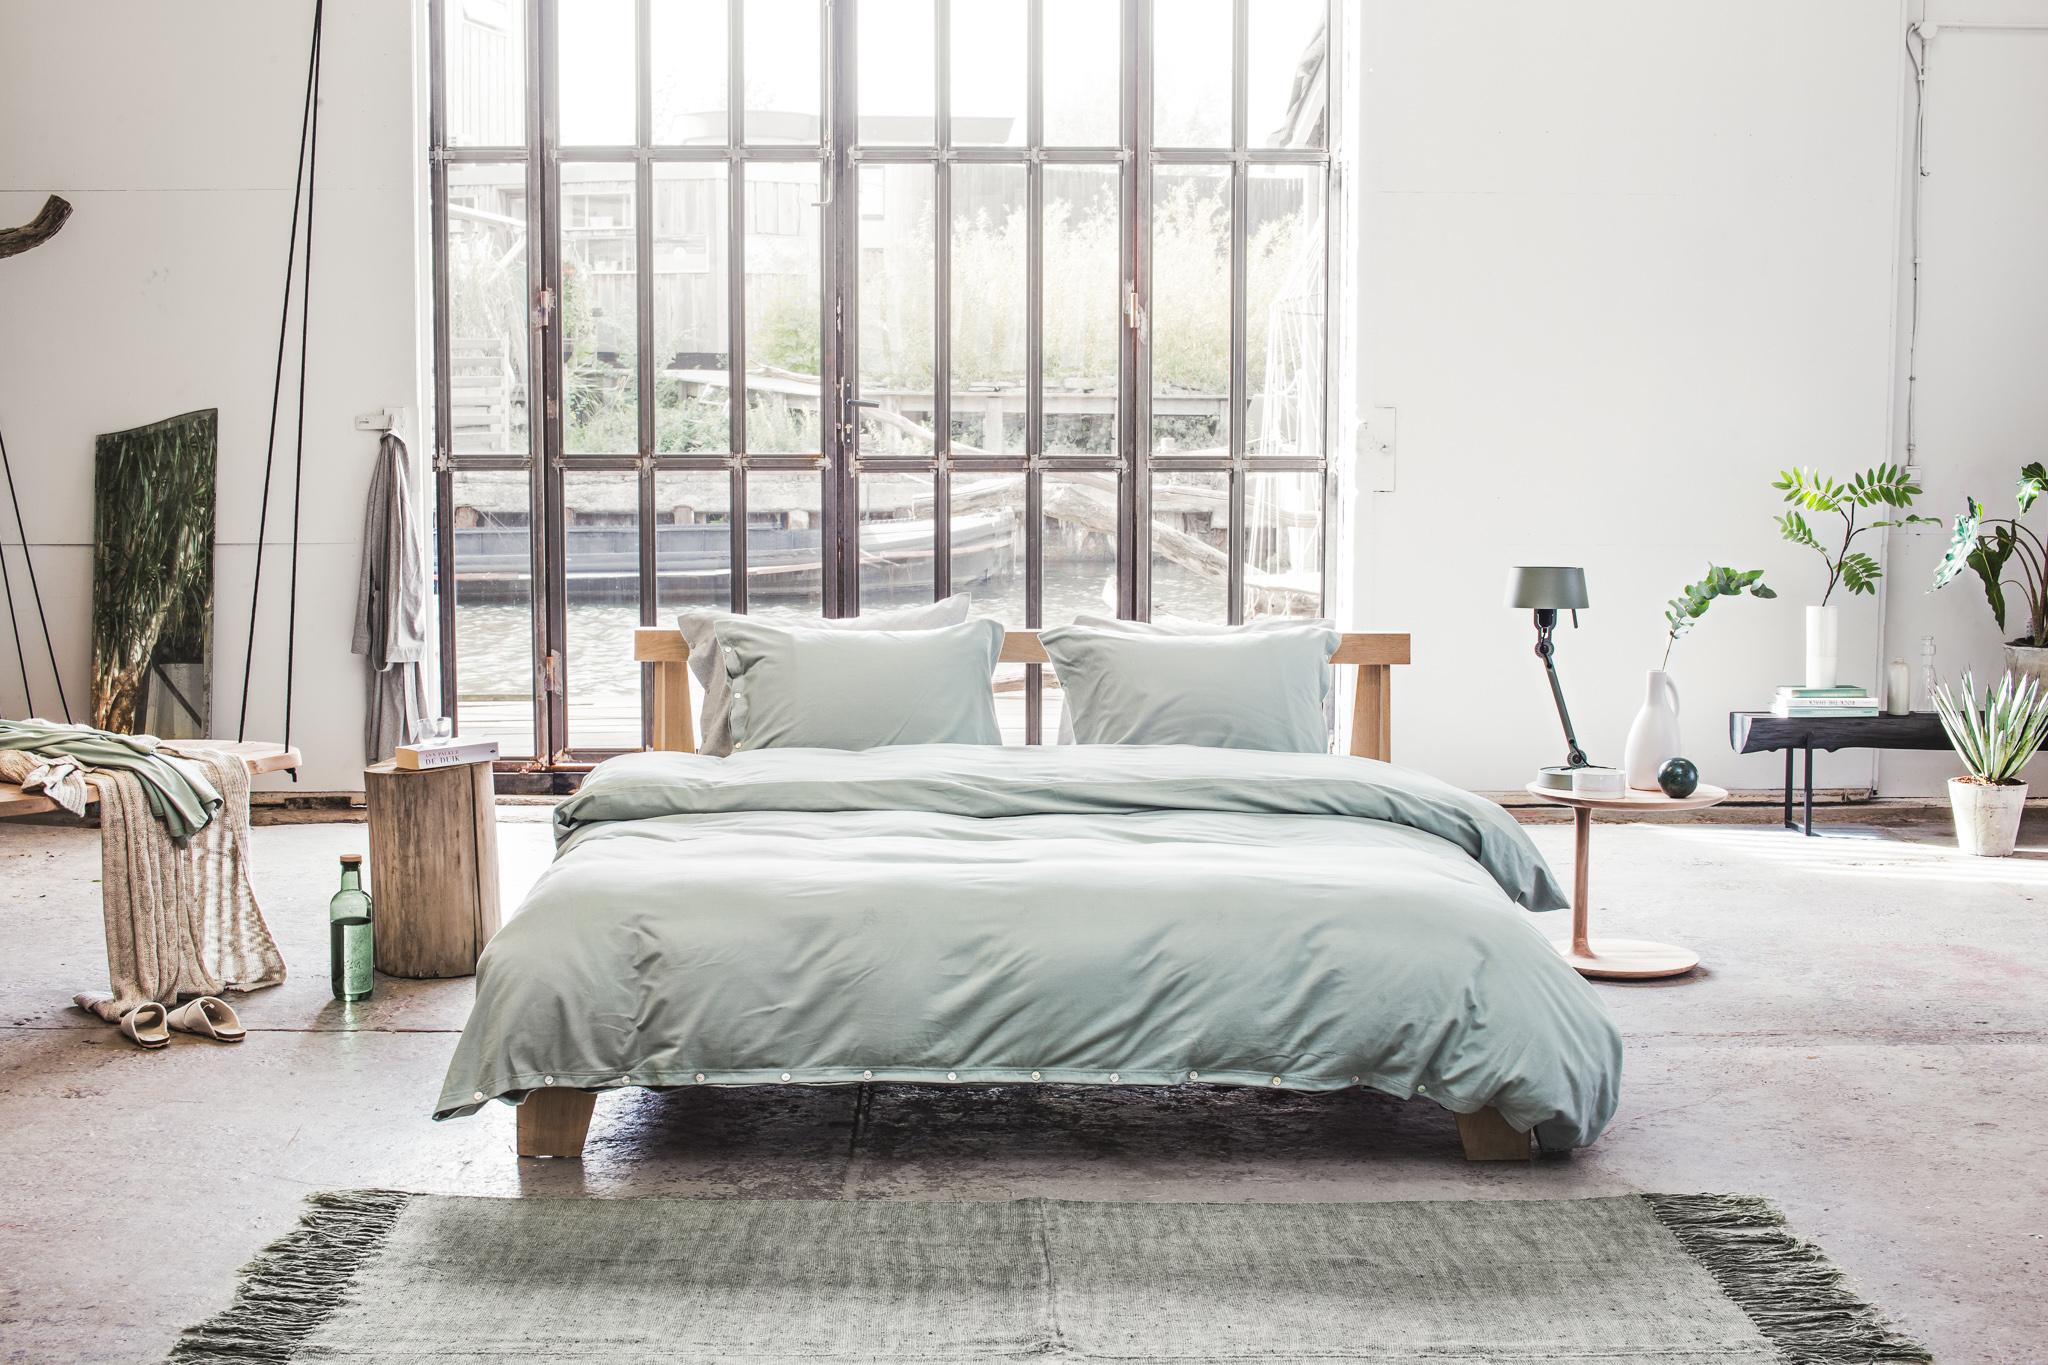 slaapkamergeheimen_bed_fairtrade_biologisch